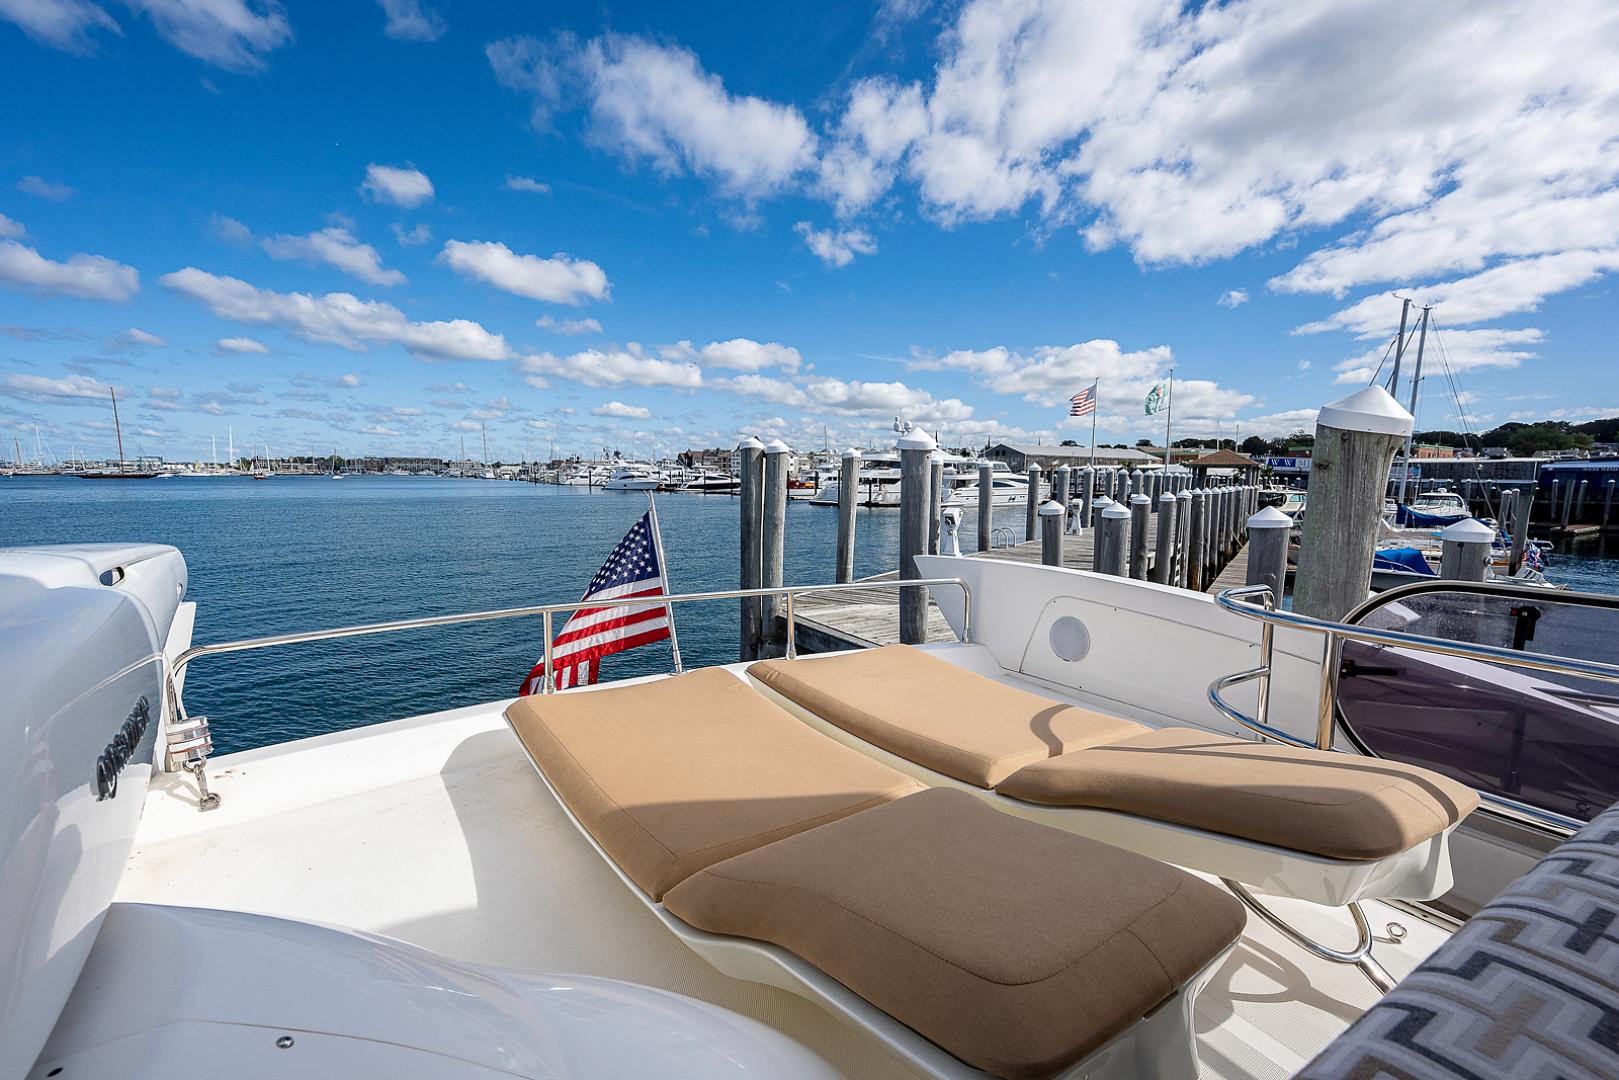 Azimut-58 Fly Motor Yacht 2011-Nova Fort Lauderdale-Florida-United States-58_azimut_nova__flybridge16-1490504 | Thumbnail